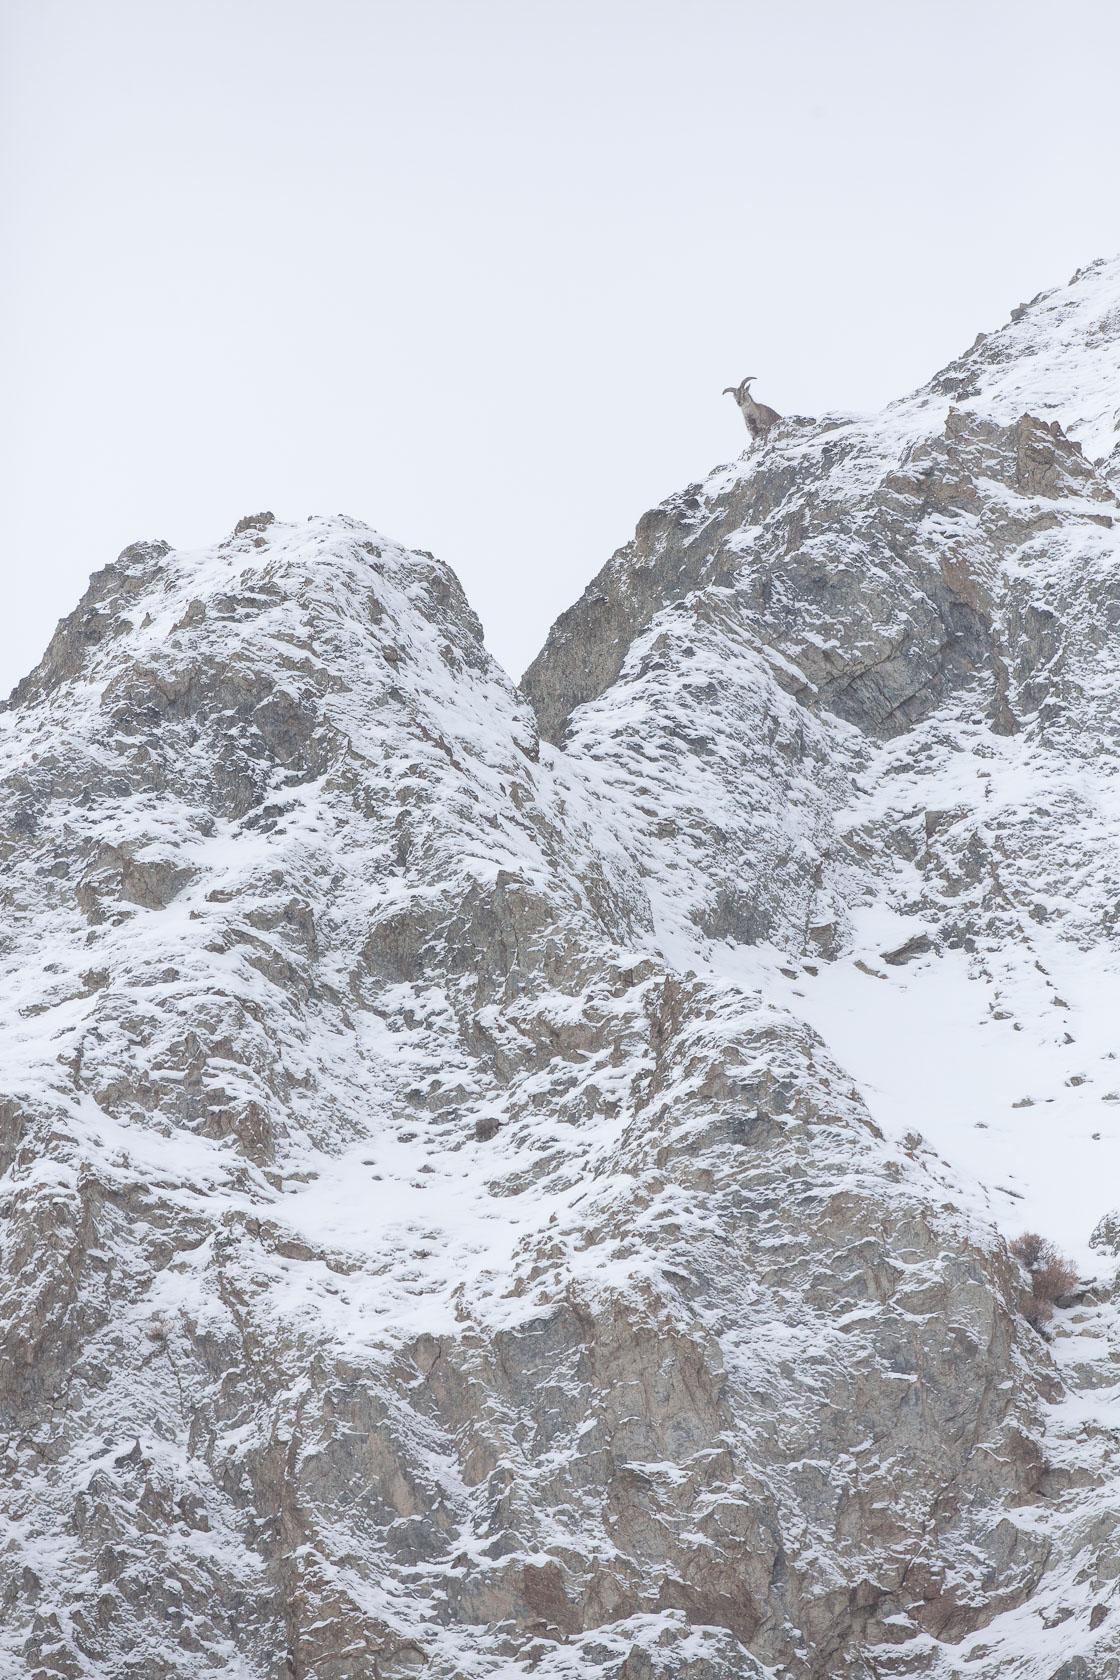 Bharal mâle sur une falaise au ladakh